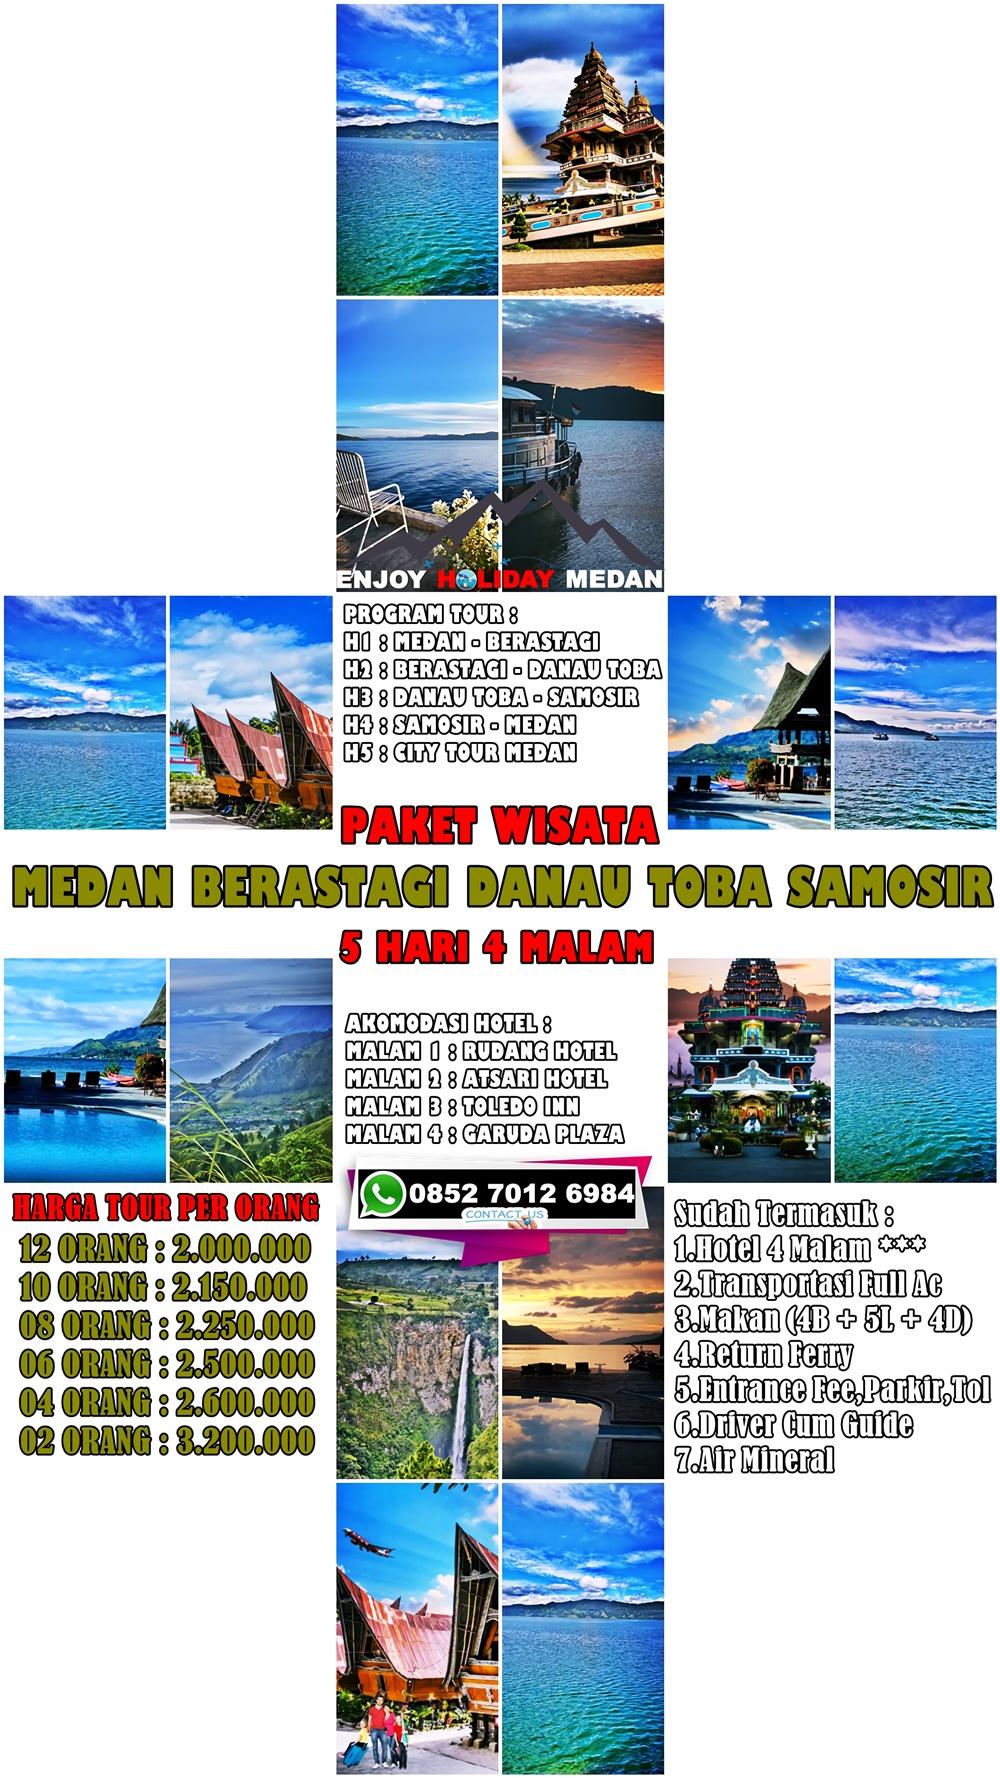 Paket Wisata Danau Toba 5 Hari 4 Malam